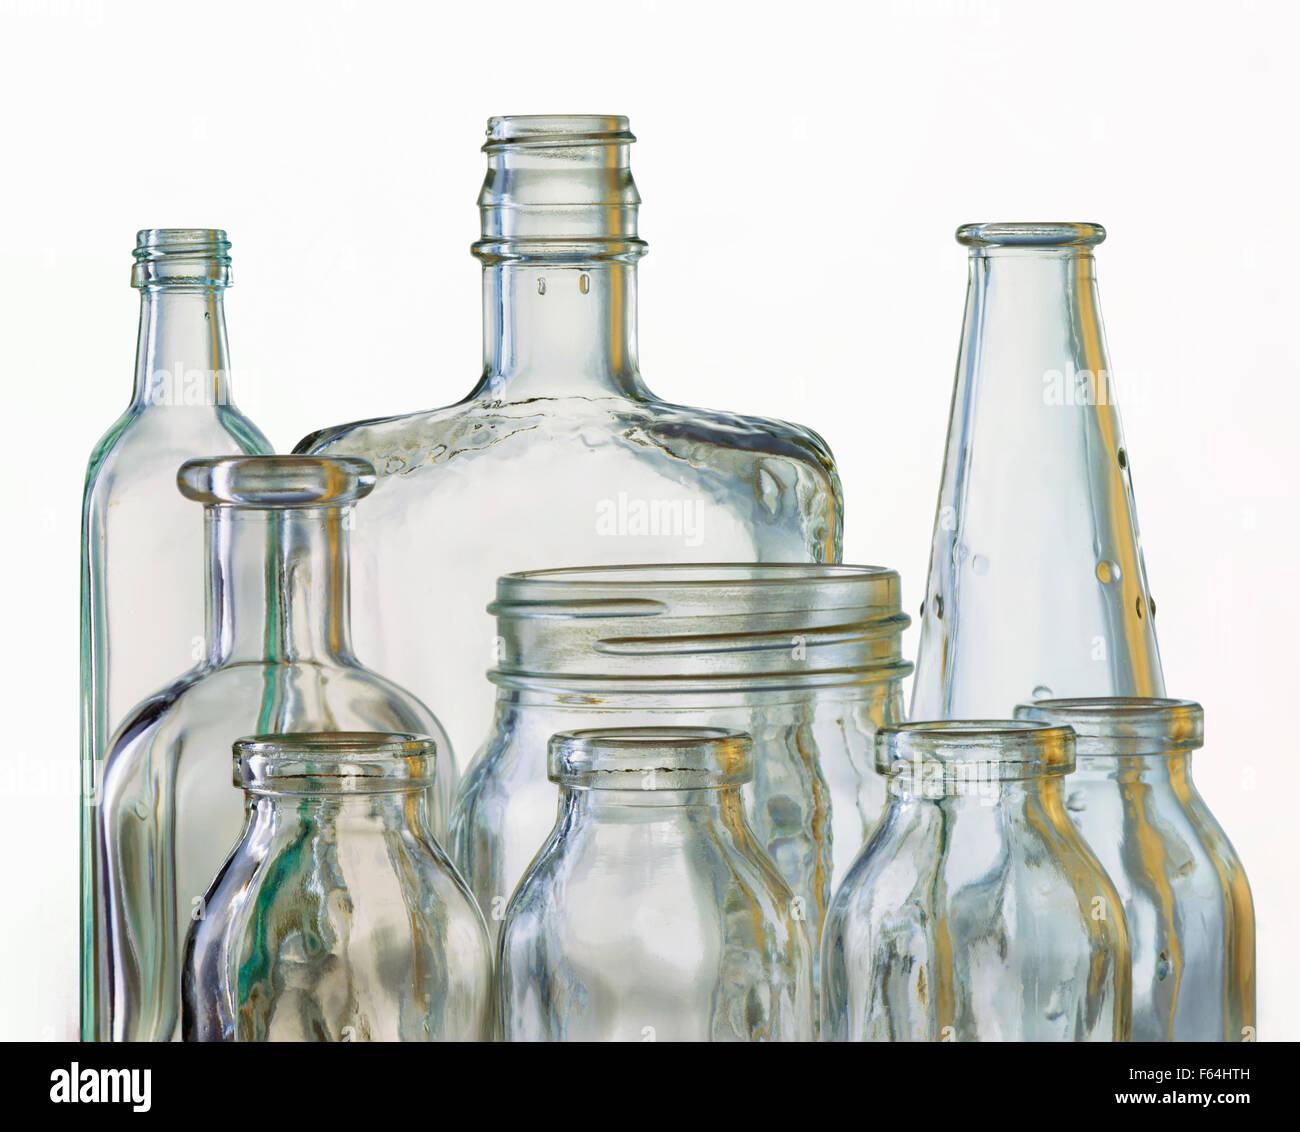 Bouteilles en verre et de forme différentes, montrant la réfraction sur fond blanc. La qualité lumineuse Photo Stock